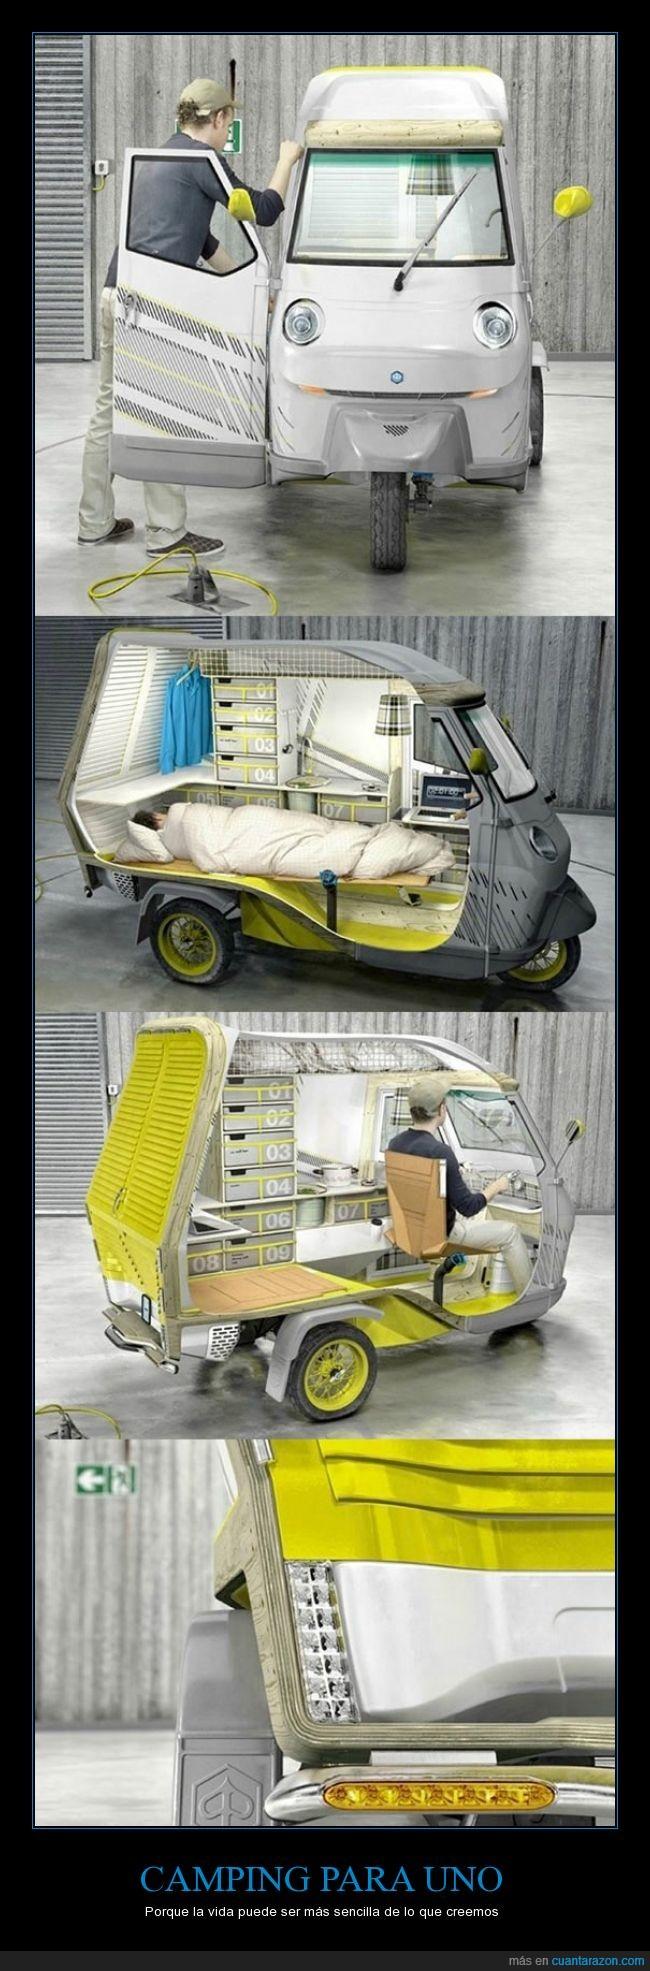 acampar,cama,camping,coche,diseño,moto,pequeño,vehículo